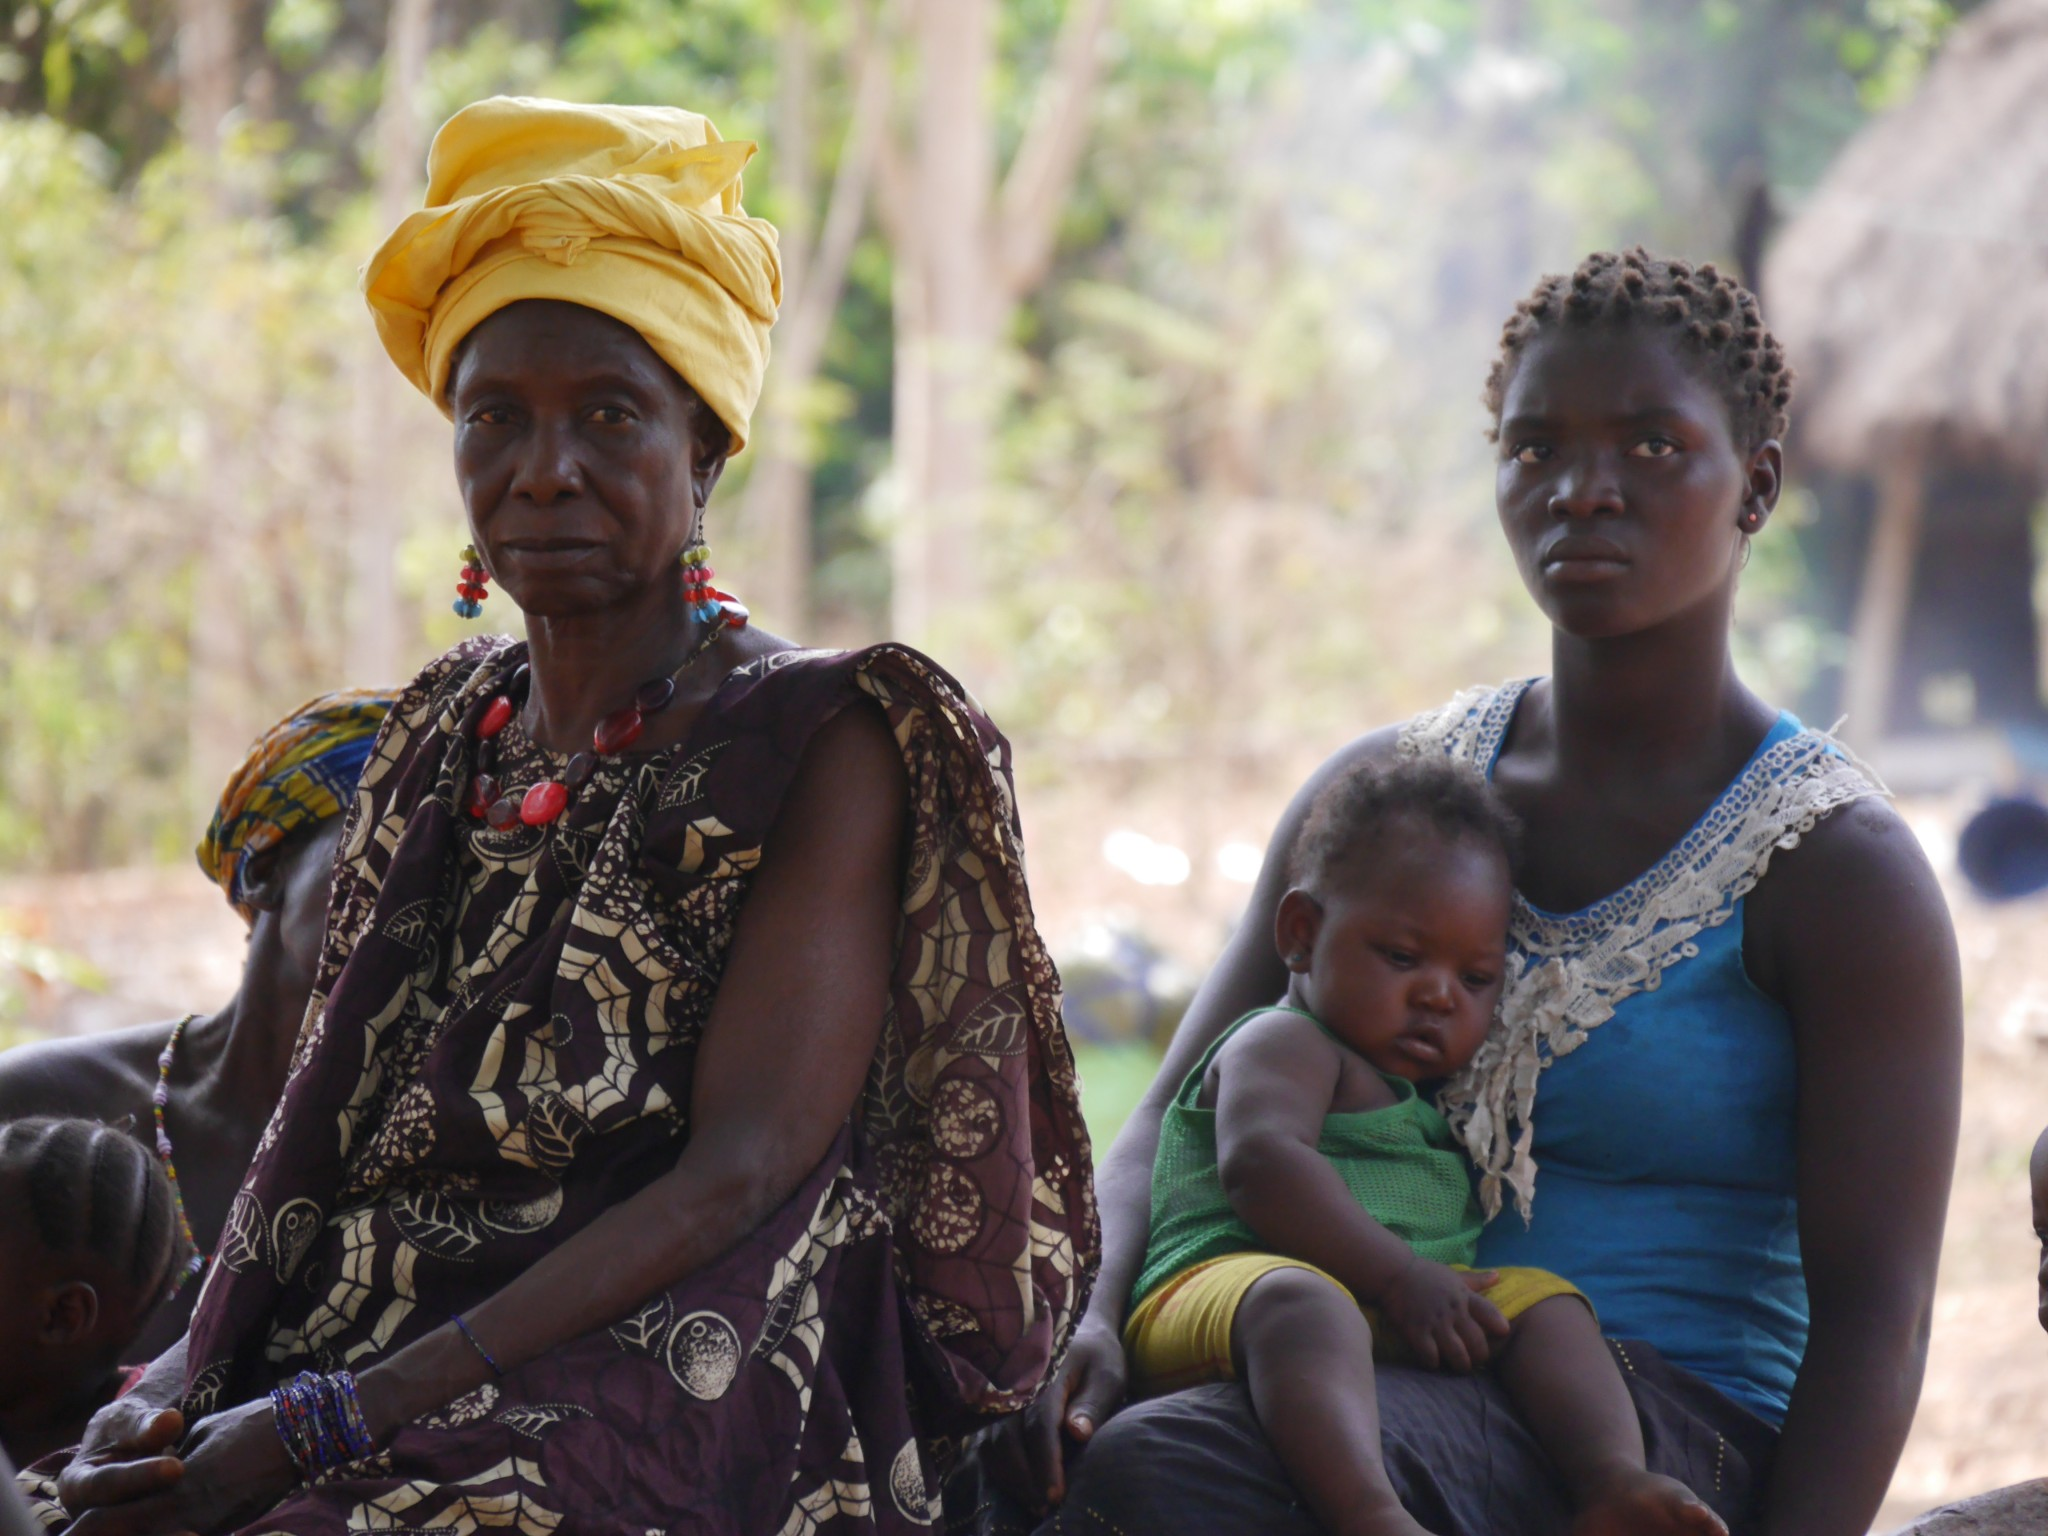 Das einstige Vorzeigeprojekt in Sierra Leono wurde zum Fiasko. Viele Menschen können sich selbst das Grundnahrungsmittel Reis nicht mehr leisten. Den hatten sie vor dem Addax-Projekt auf ihren eigenen Flächen angebaut.